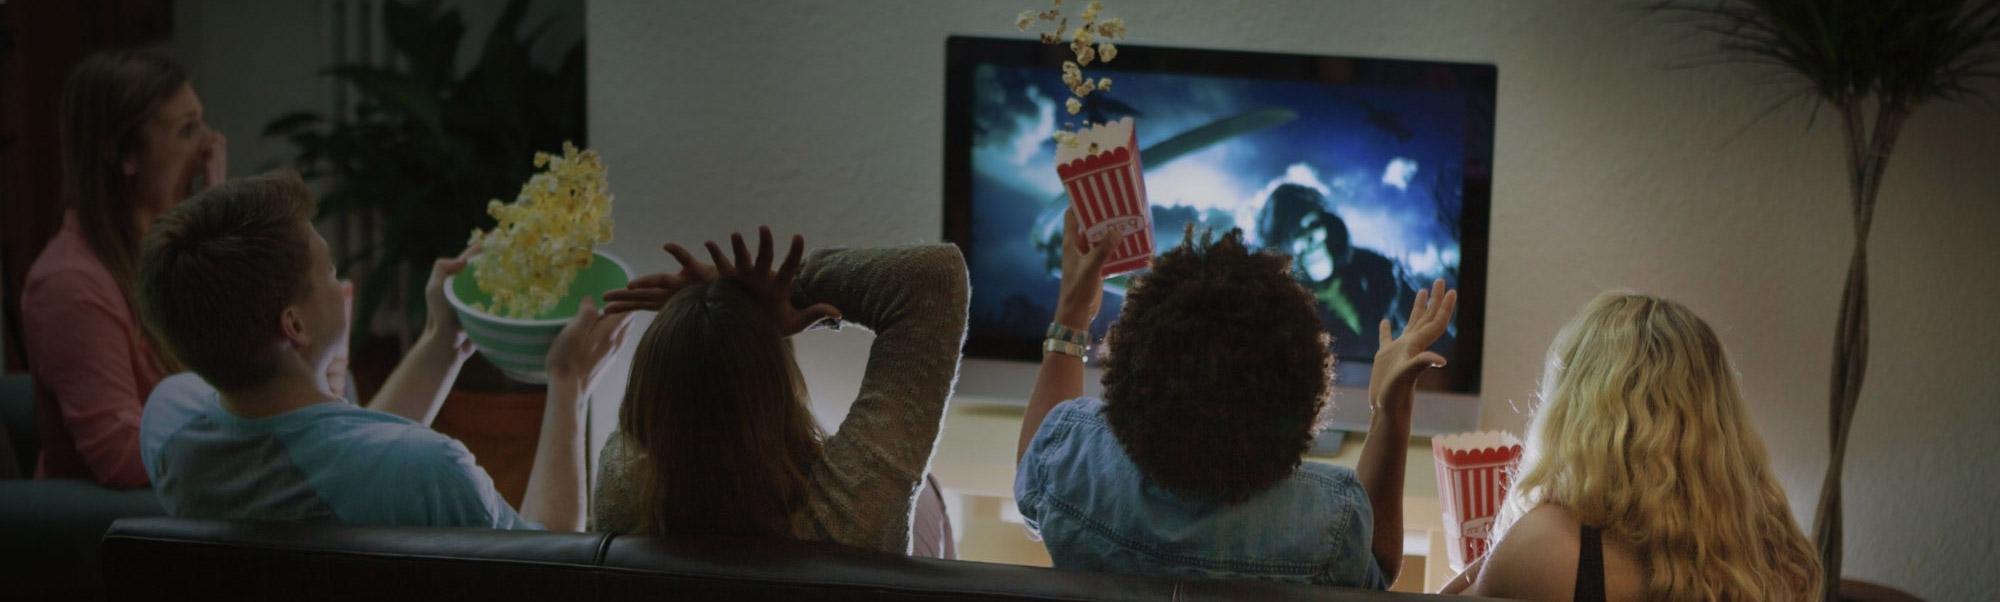 Guarda ovunque gli ultimi film e programmi TV